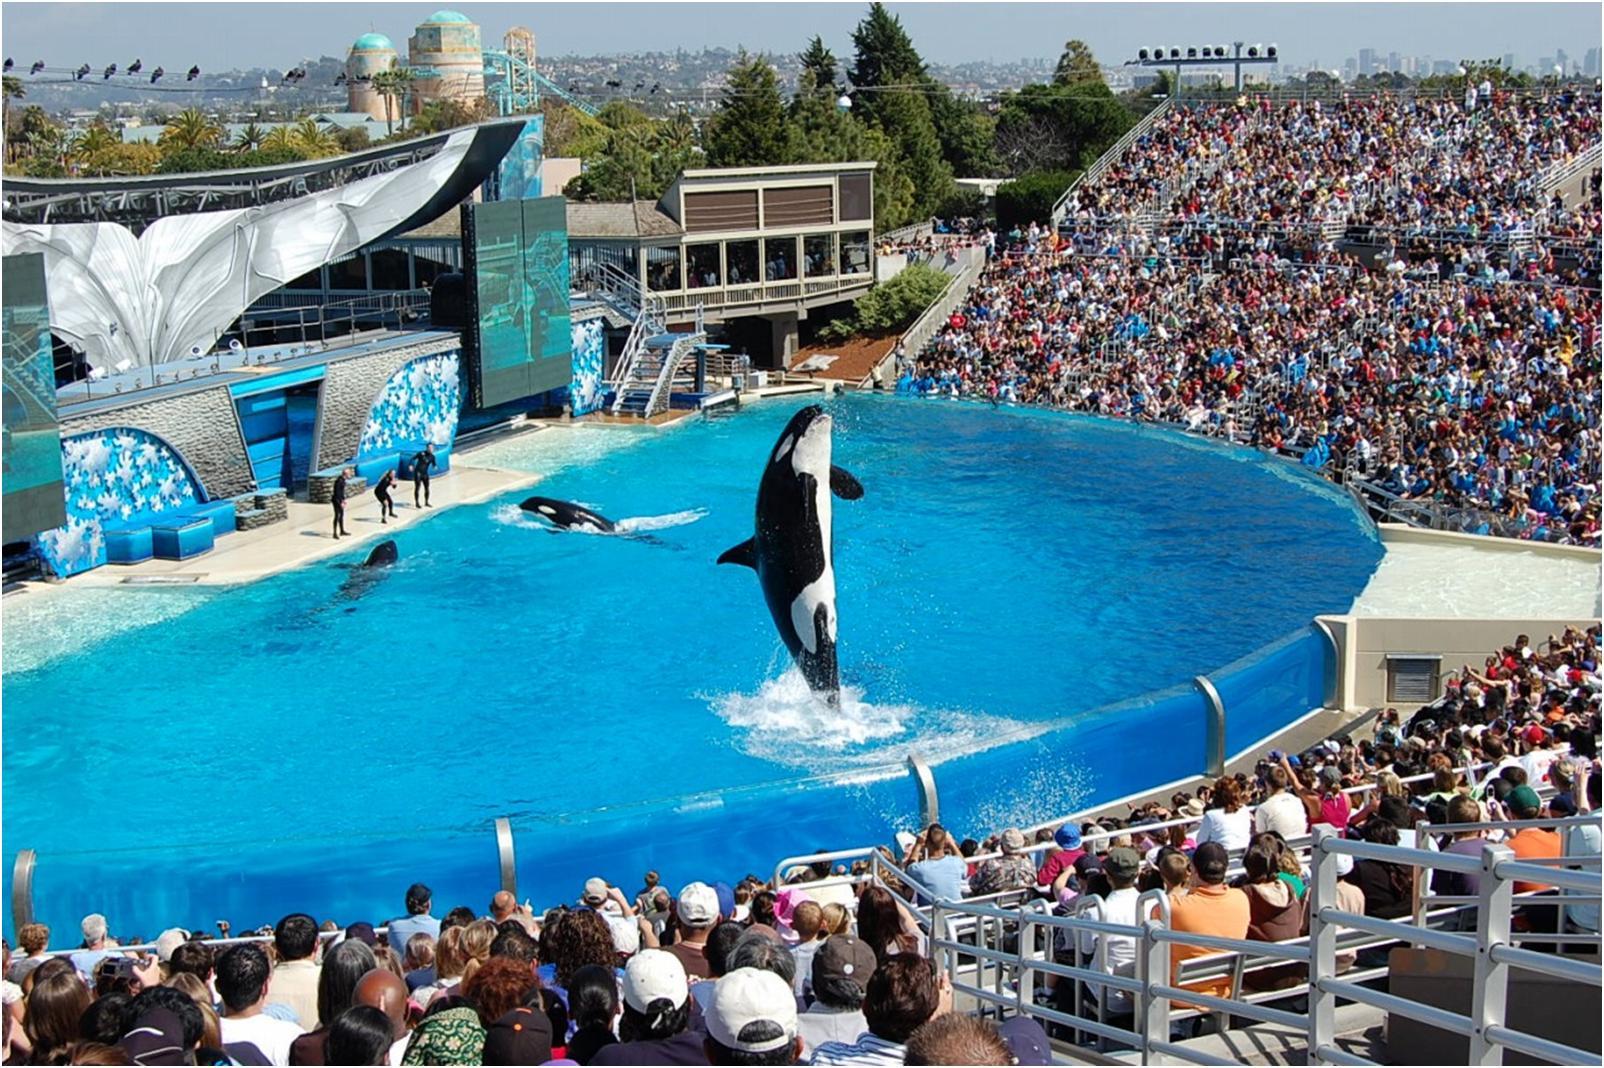 【シーワールド・サンディエゴ】シャチ、イルカと触れ合おう!